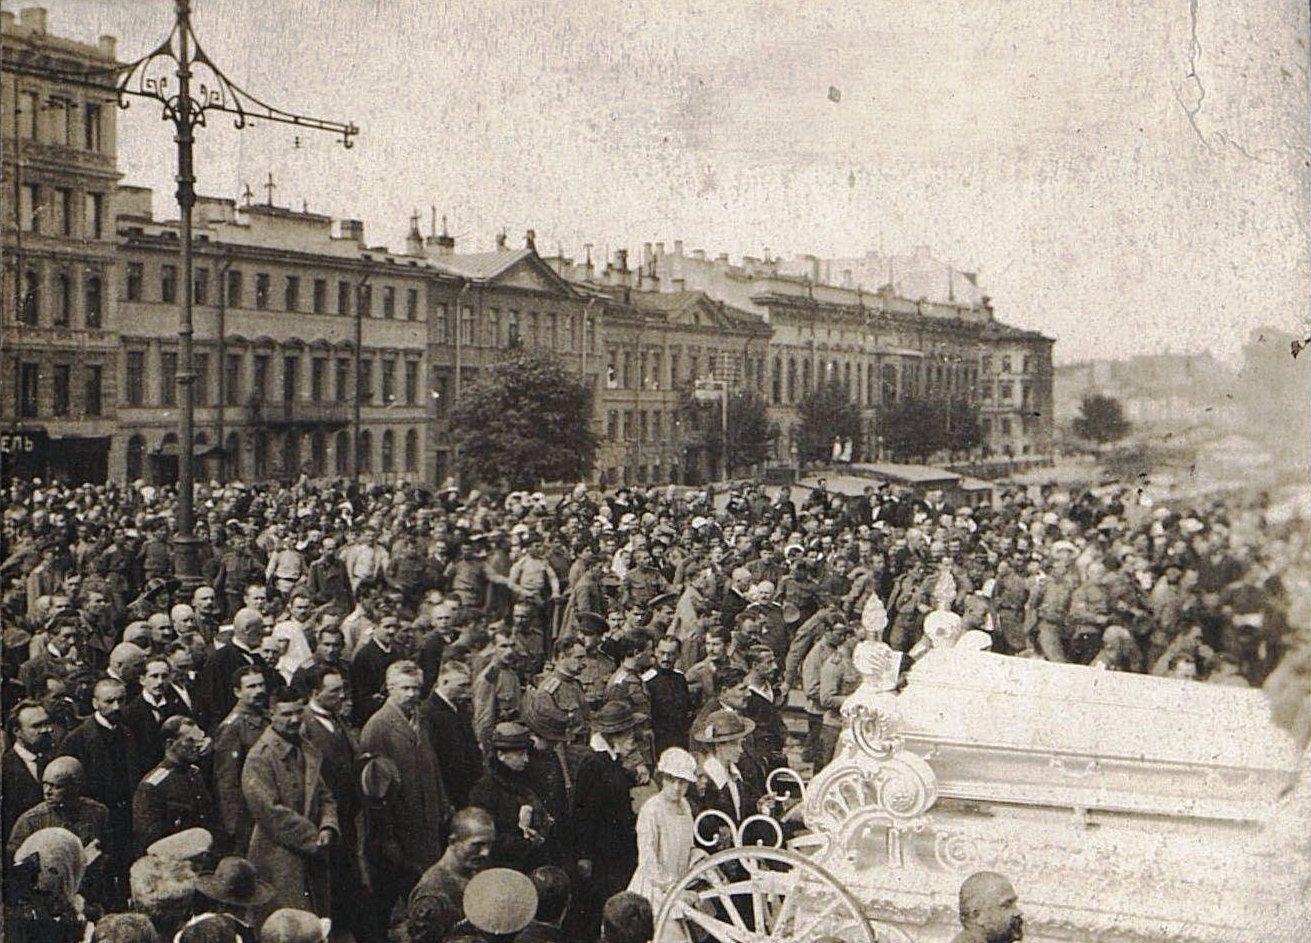 24. 15 июля. Похороны казаков - жертв событий 3-5 июля в Петрограде (8)